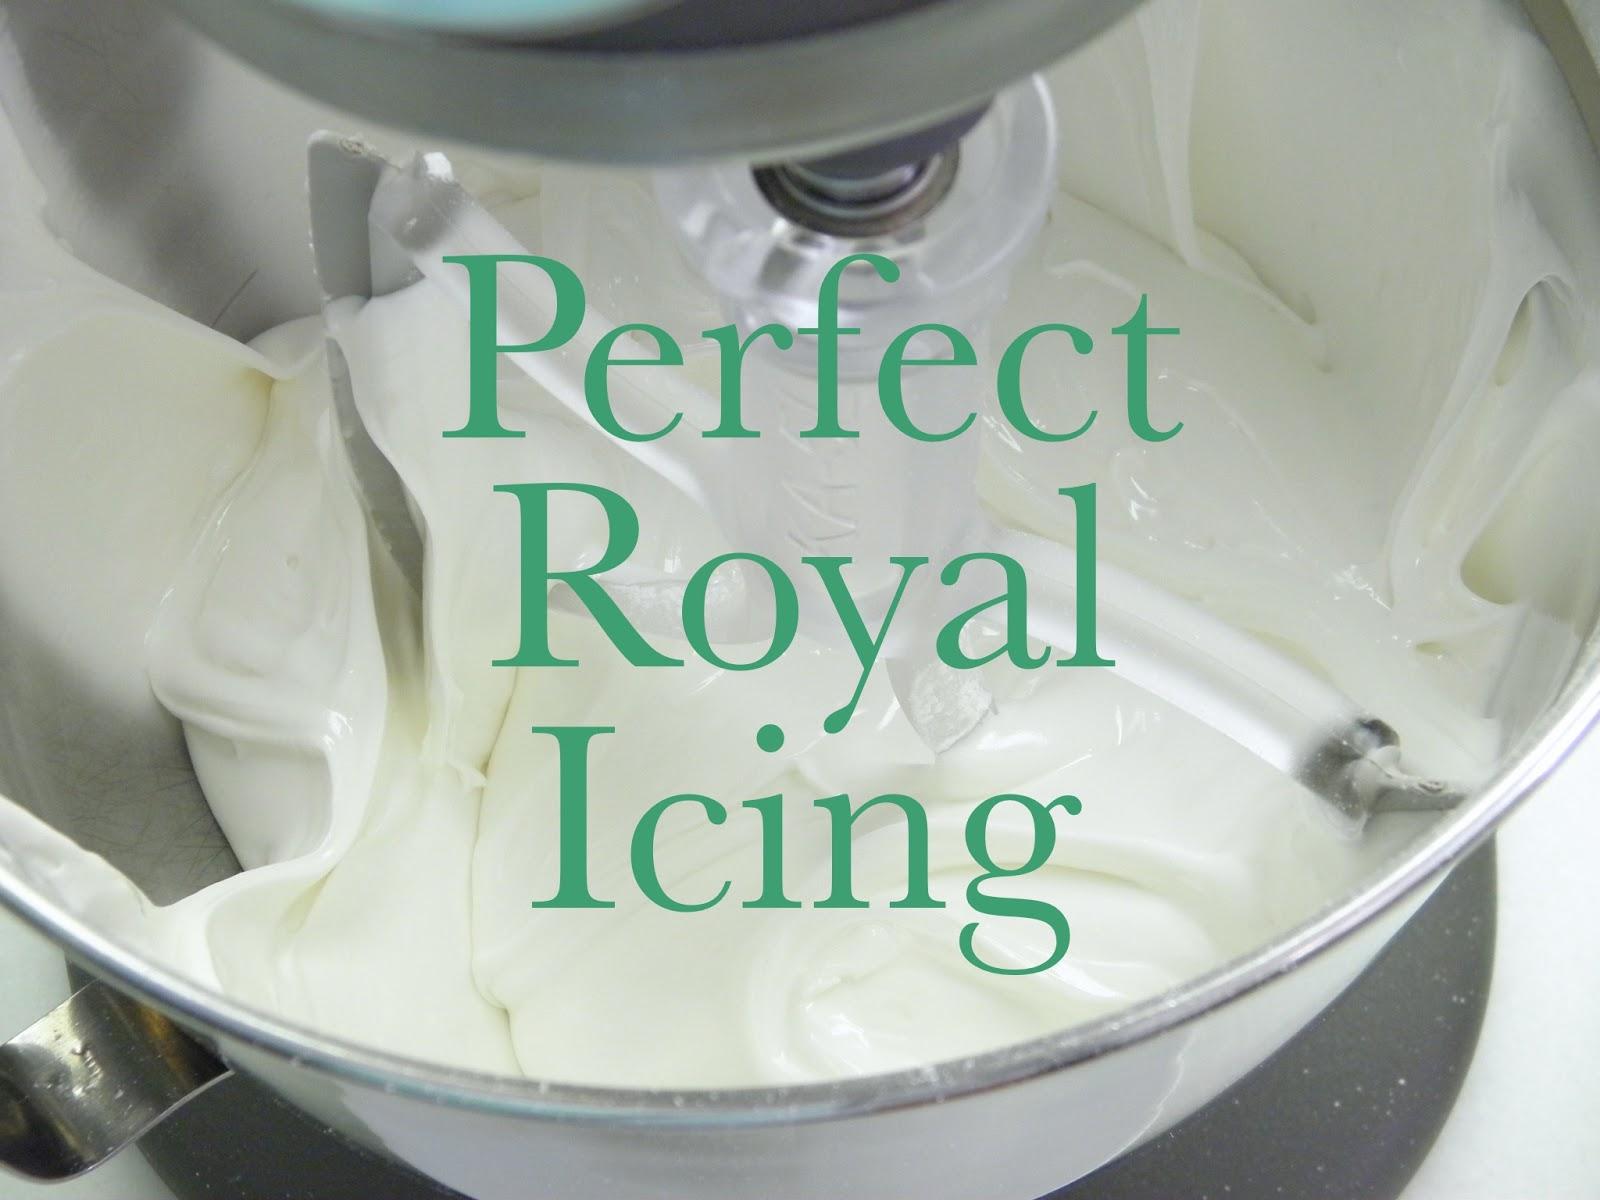 Perfect Royal Icing